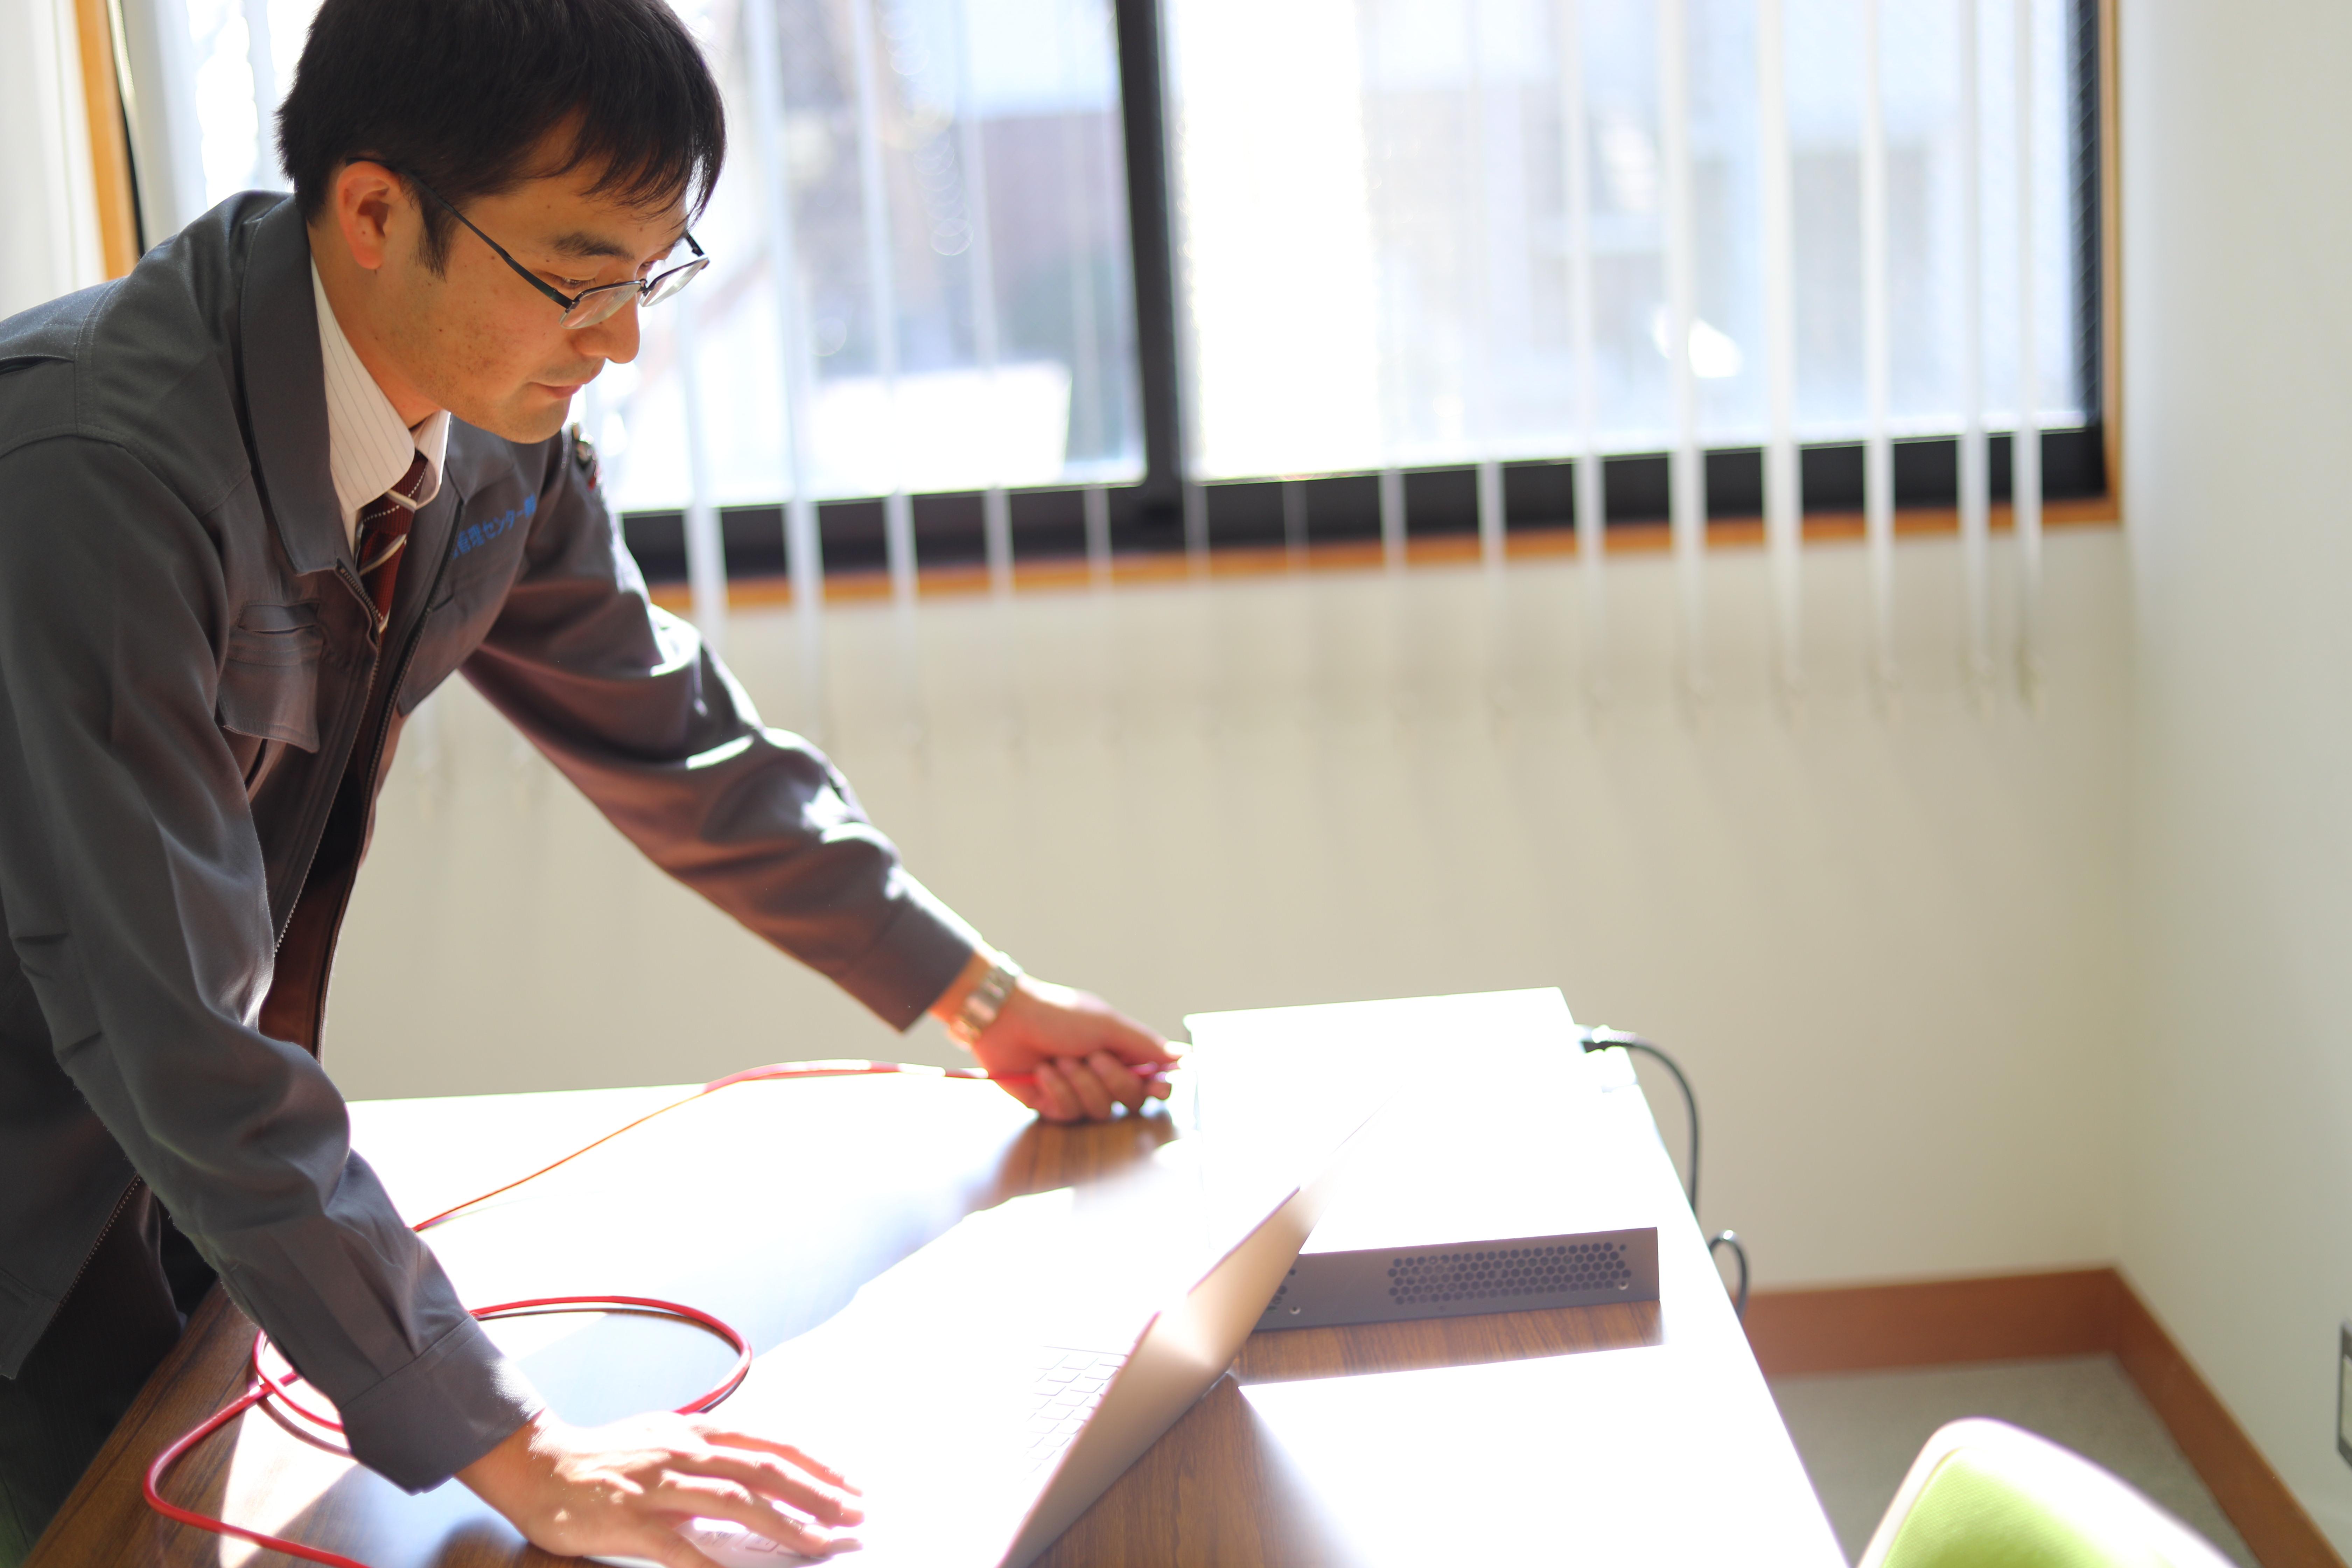 【ネットワークエンジニア】未経験者応募可◆年齢制限:29歳以下◆ネットワーク構築・データセンター業務など◆仲間と力を合わせ、情熱をもって仕事に取り組む人材を求めています!